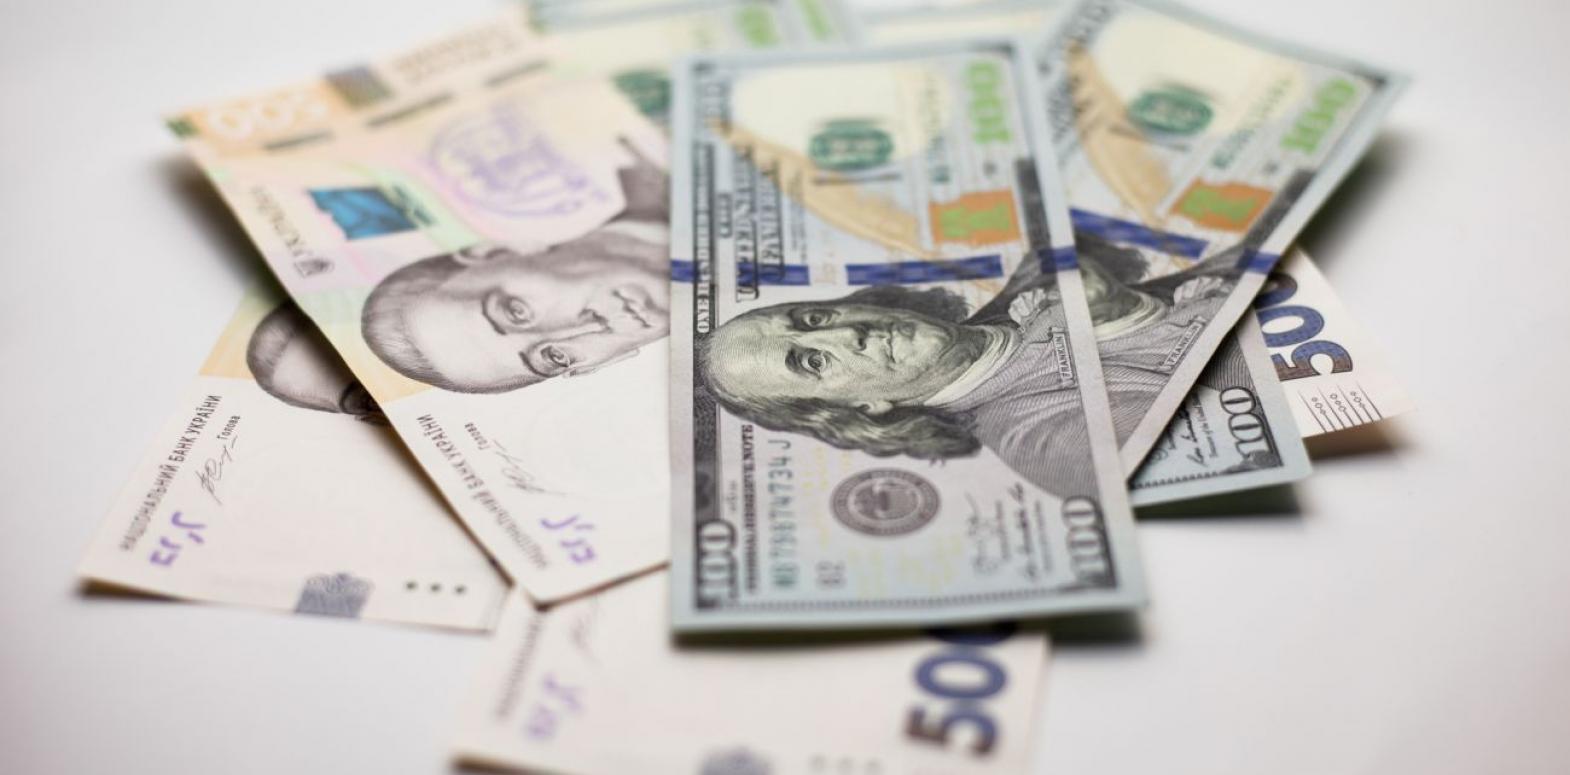 НБУ поднял курс доллара выше 27 гривен впервые с конца апреля